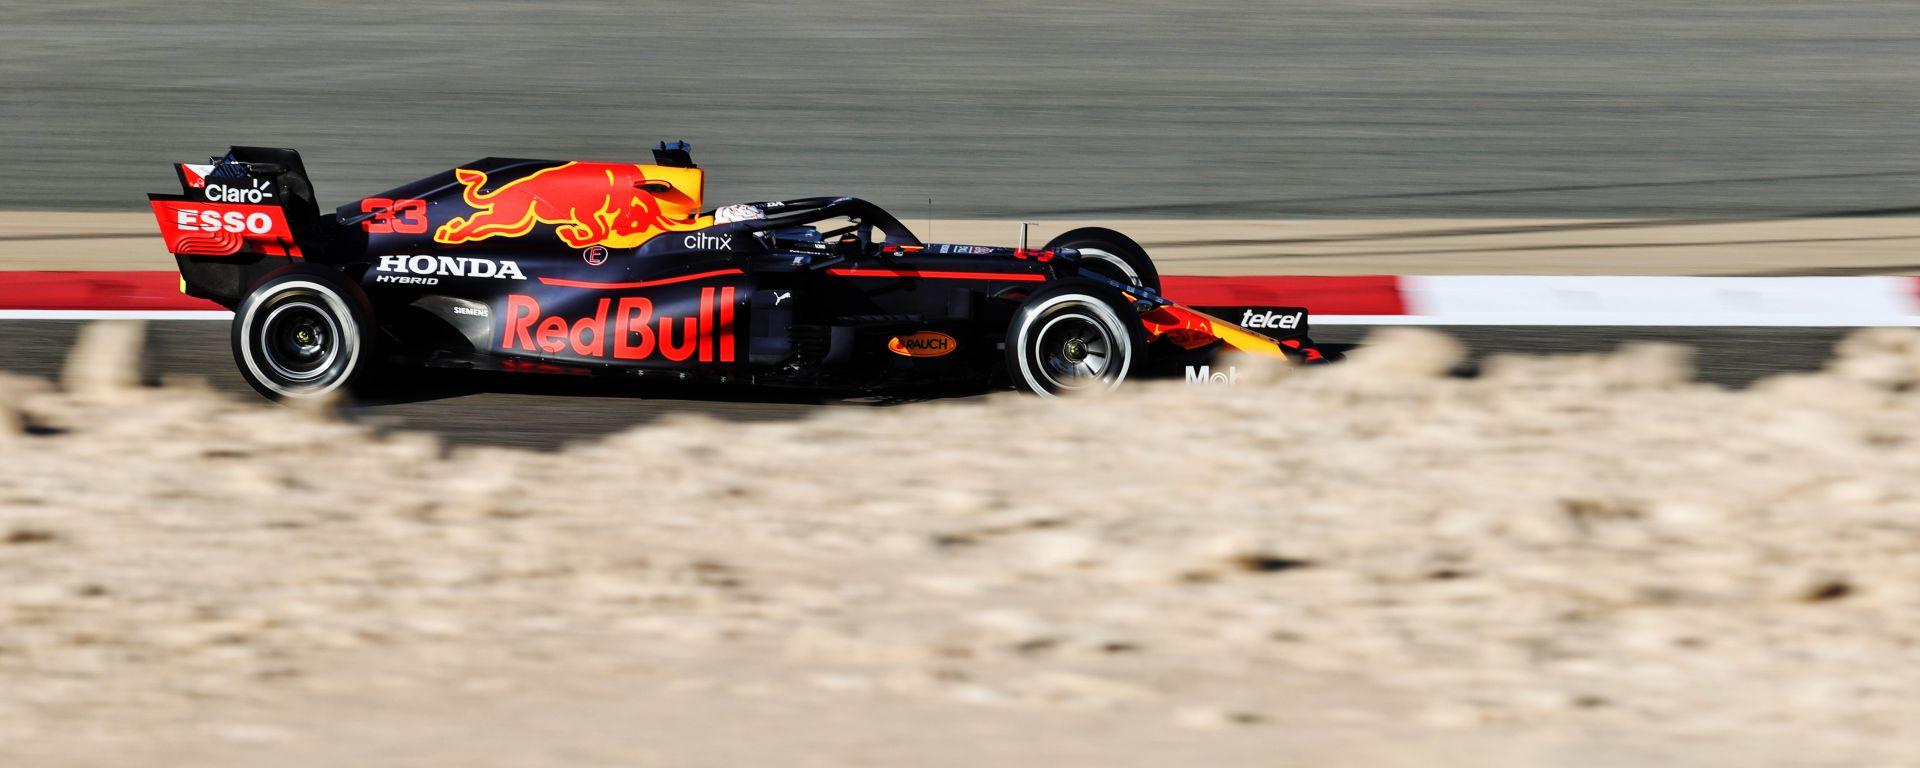 F1 Test Bahrain 2021, Max Verstappen (Red Bull)